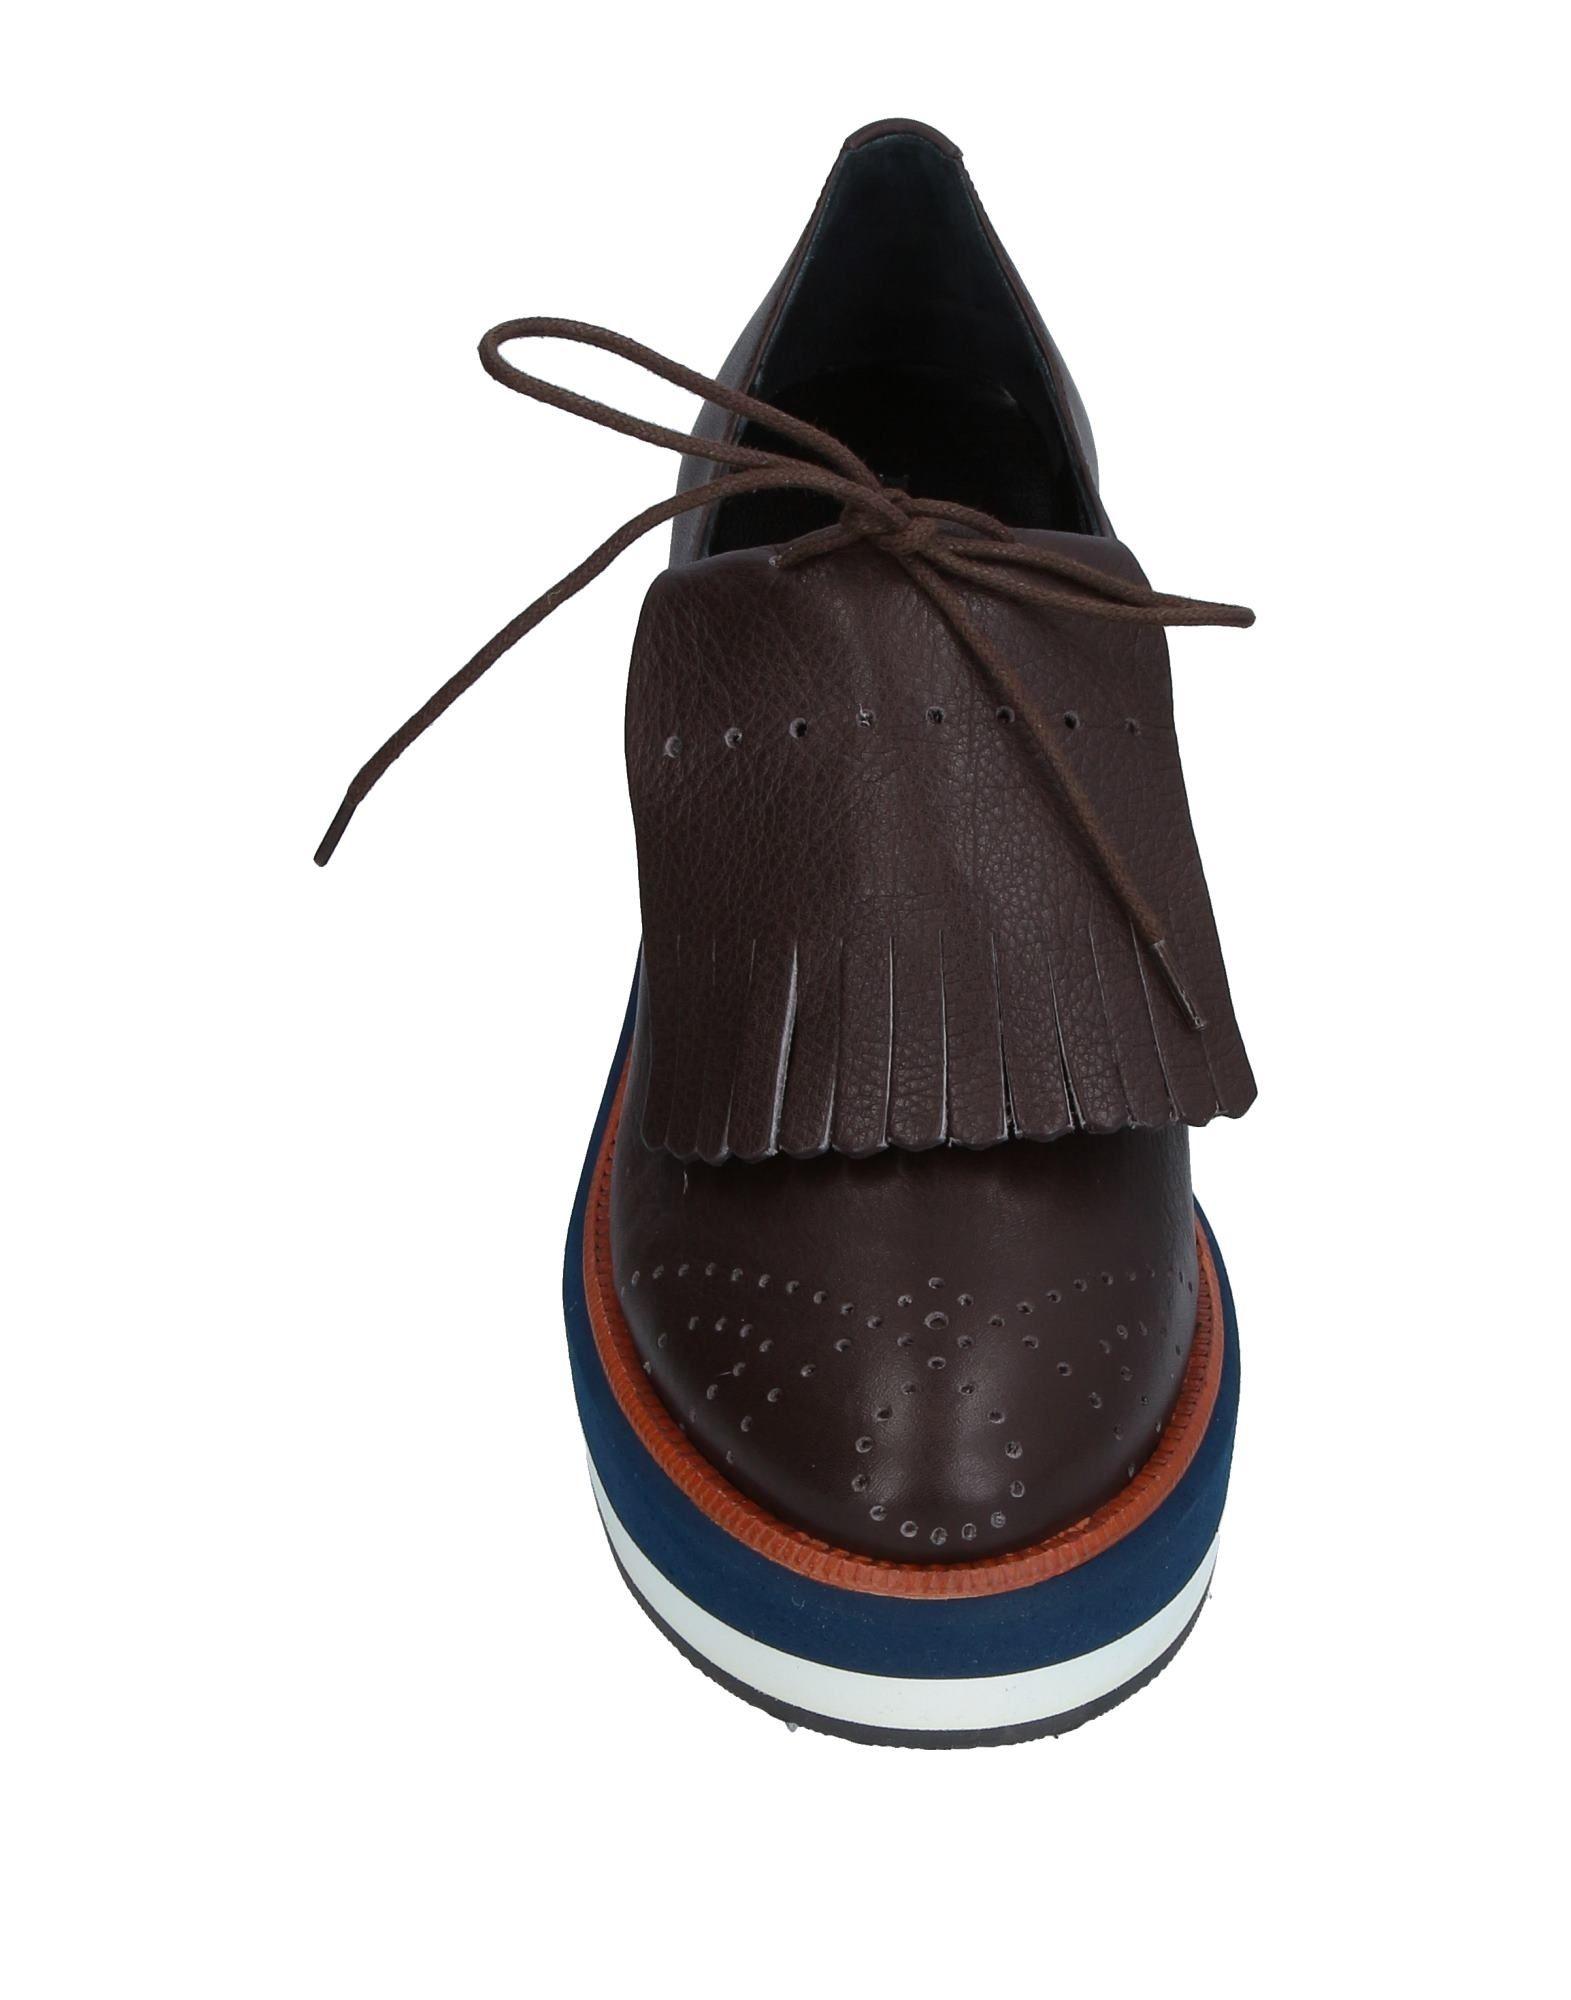 Paloma Barceló Schnürschuhe Schnürschuhe Barceló Damen  11224177CK Neue Schuhe 47dd9c